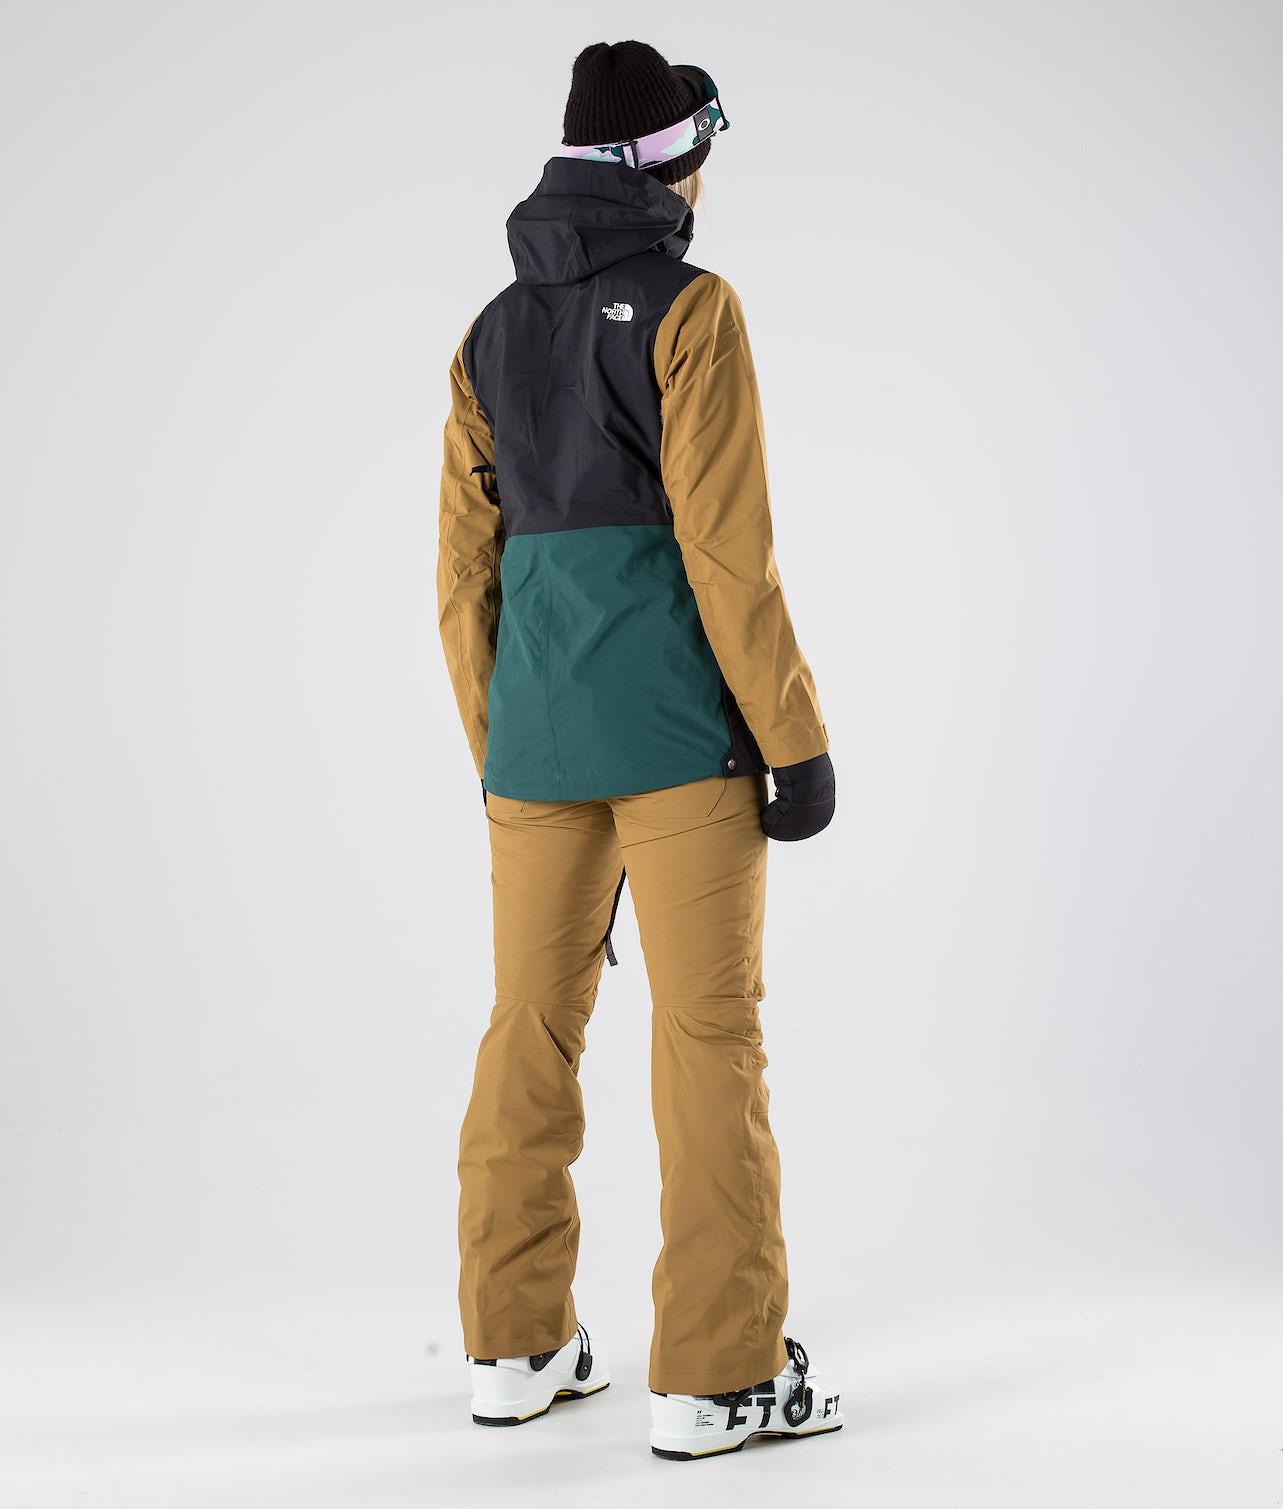 Kjøp Tanager Skijakke fra The North Face på Ridestore.no - Hos oss har du alltid fri frakt, fri retur og 30 dagers åpent kjøp!